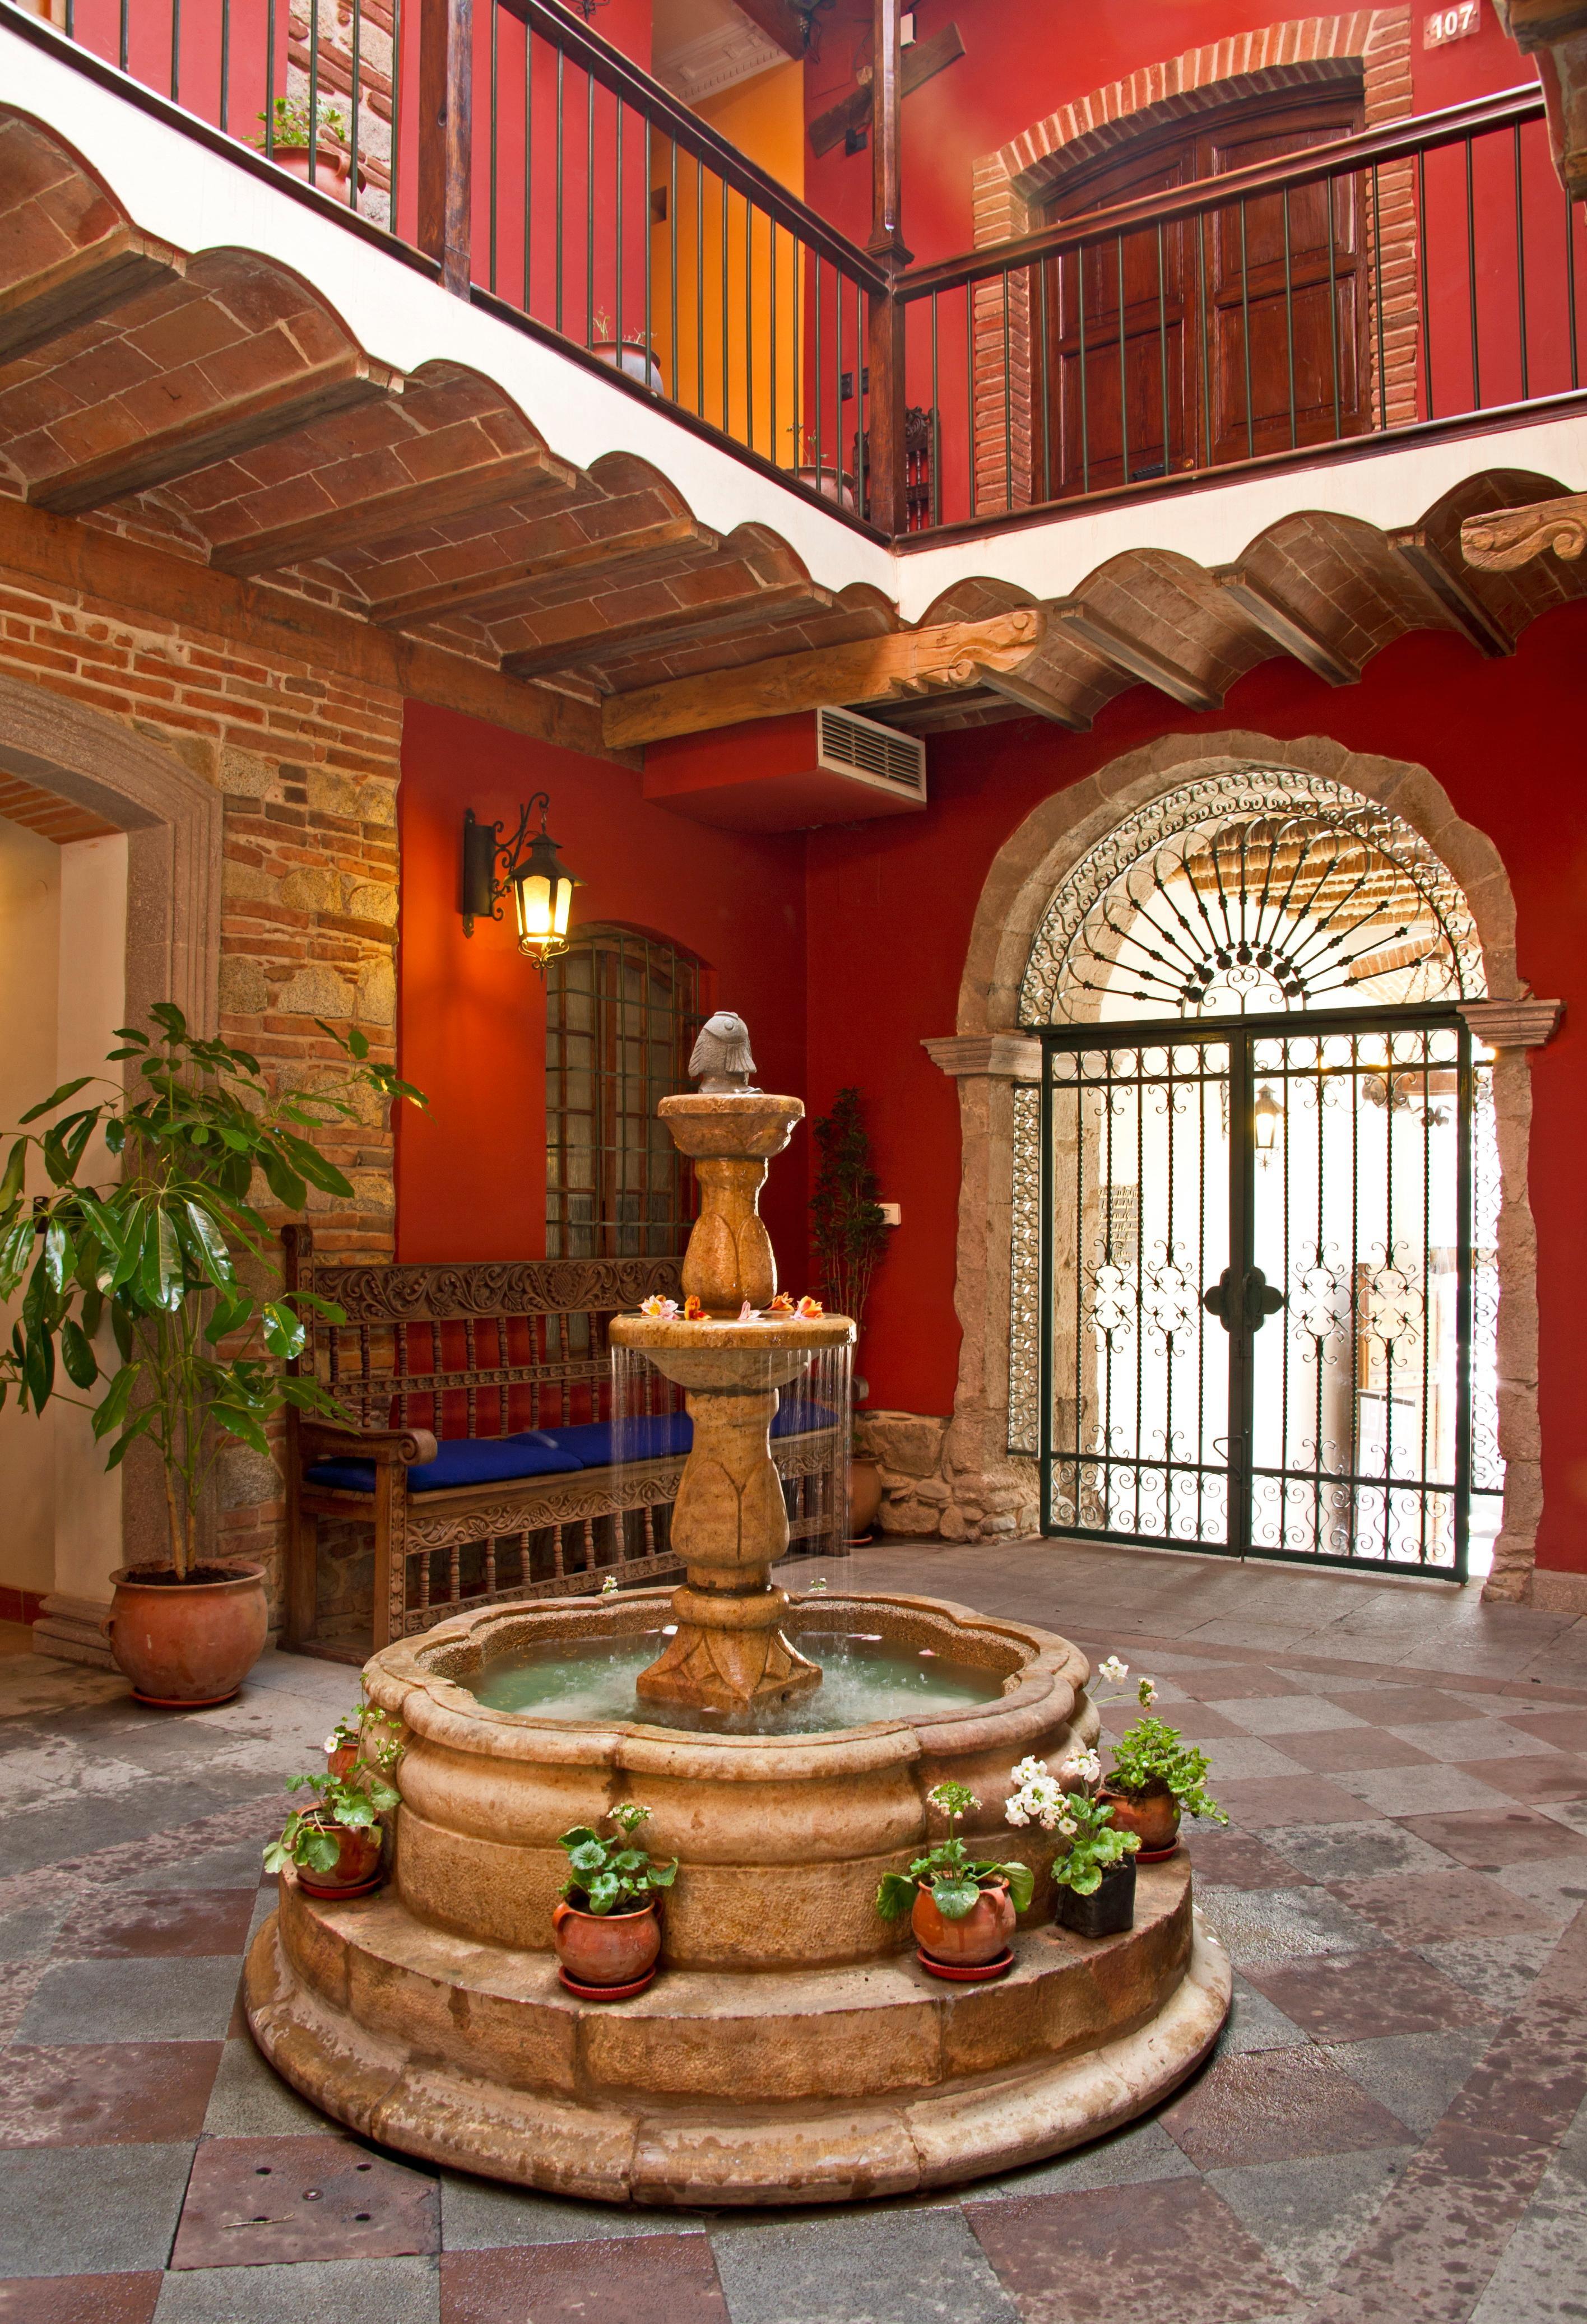 La Casona Hotel Boutique, Pedro Domingo Murillo